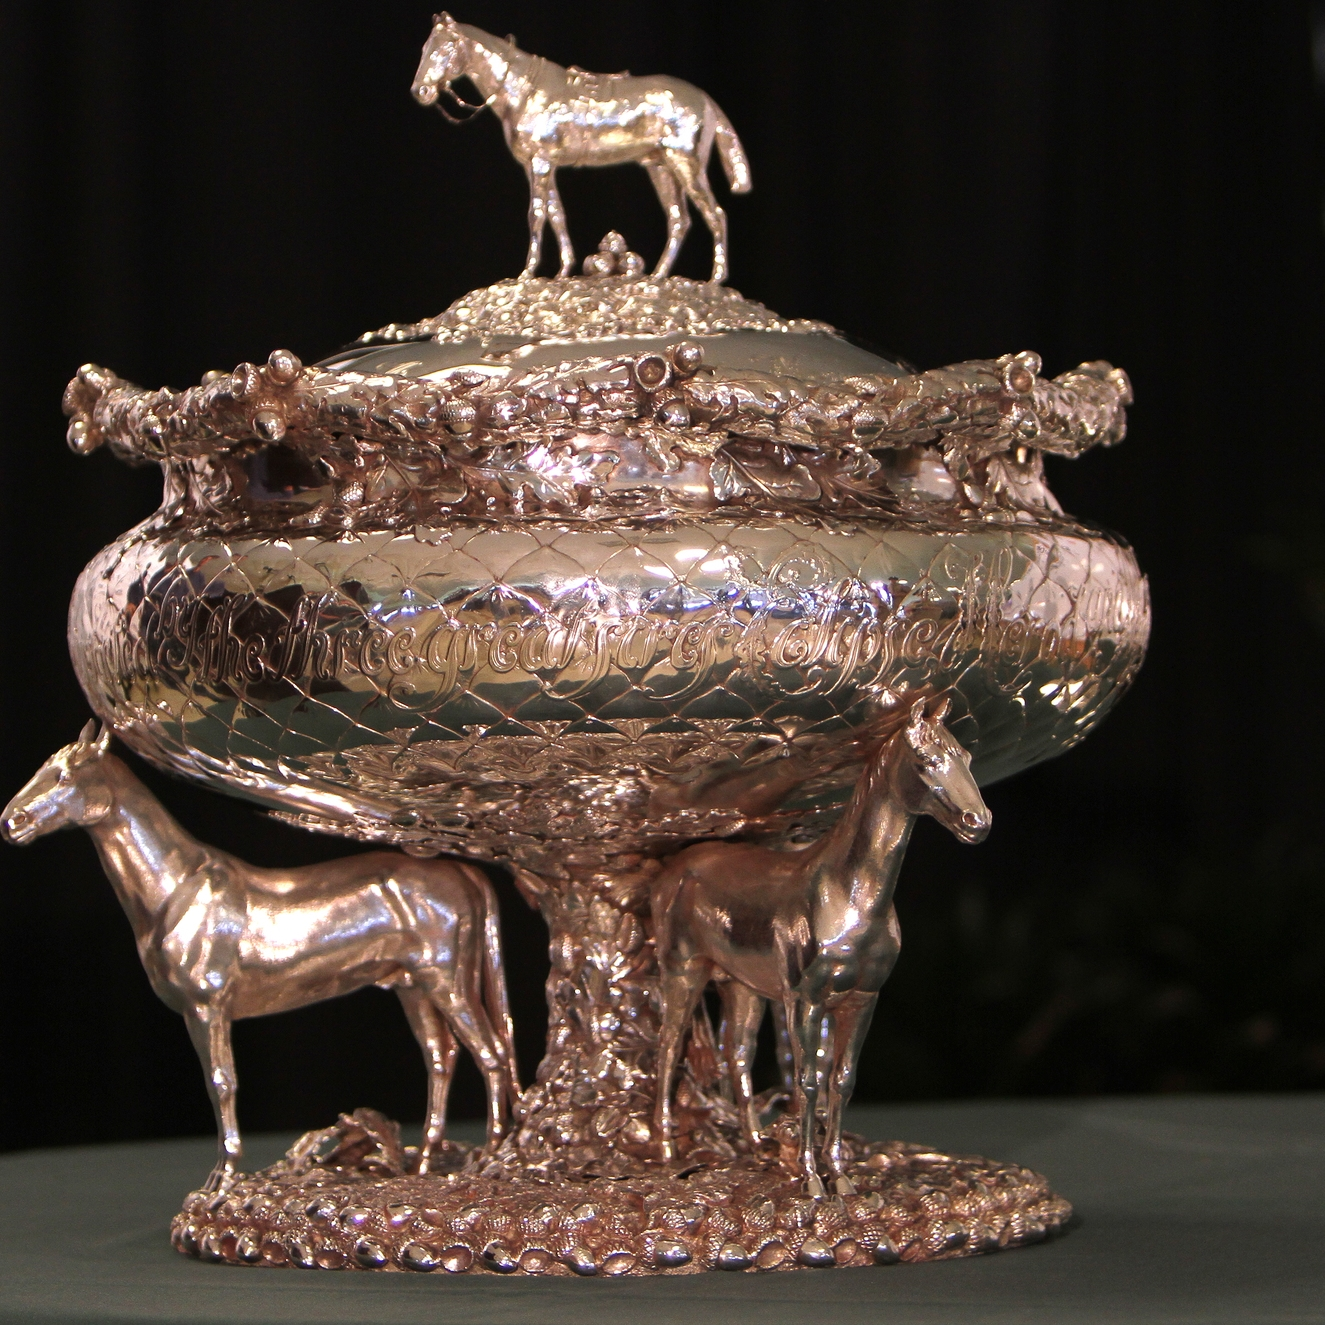 20306042014 Belmont Trophy 021 Post position draw BELMONT (Sue Kawczynski-ESW-CSW).JPG